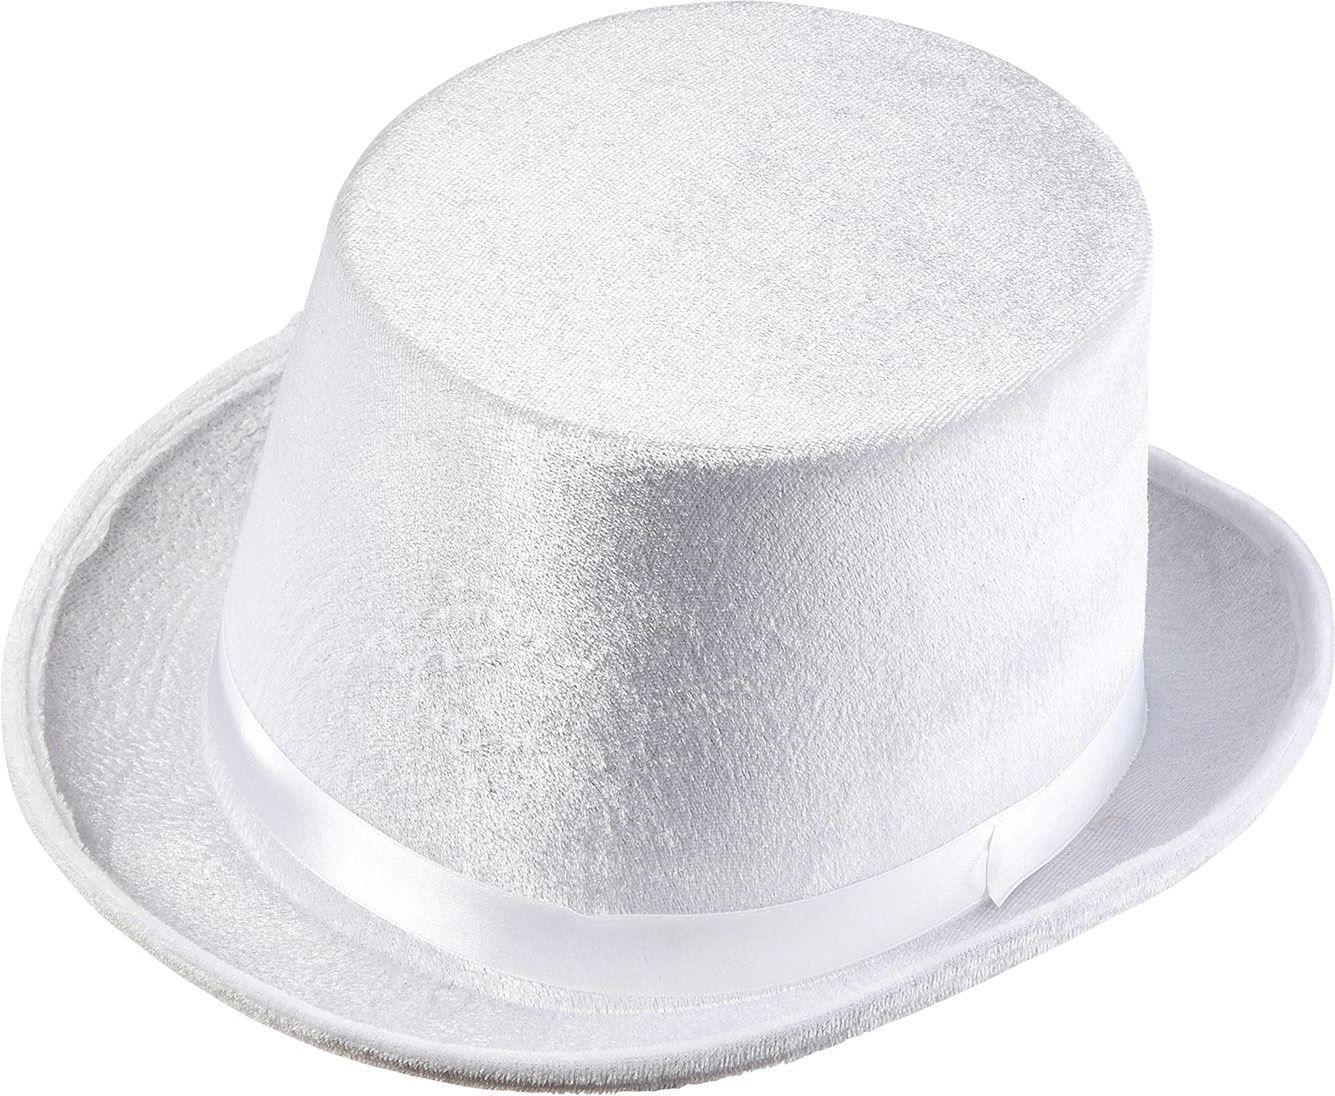 Fluwelen hoge hoed wit